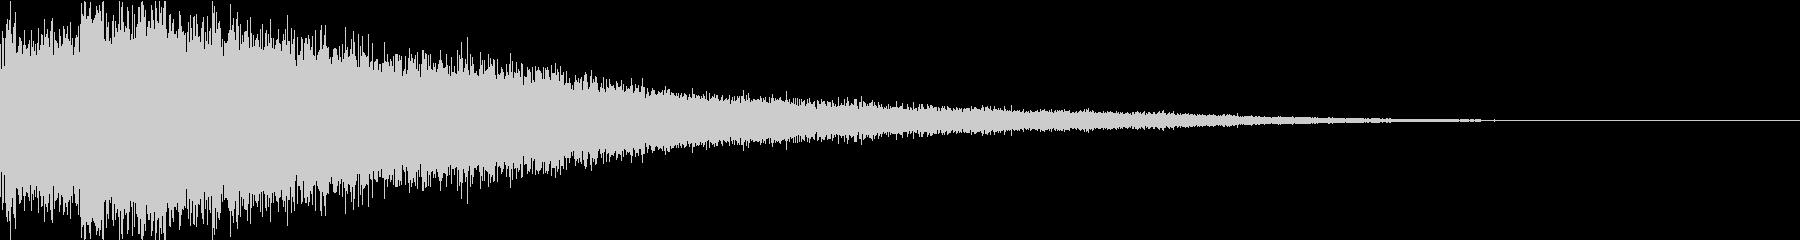 バーン:シンバルを叩く音・衝撃・迫力eの未再生の波形